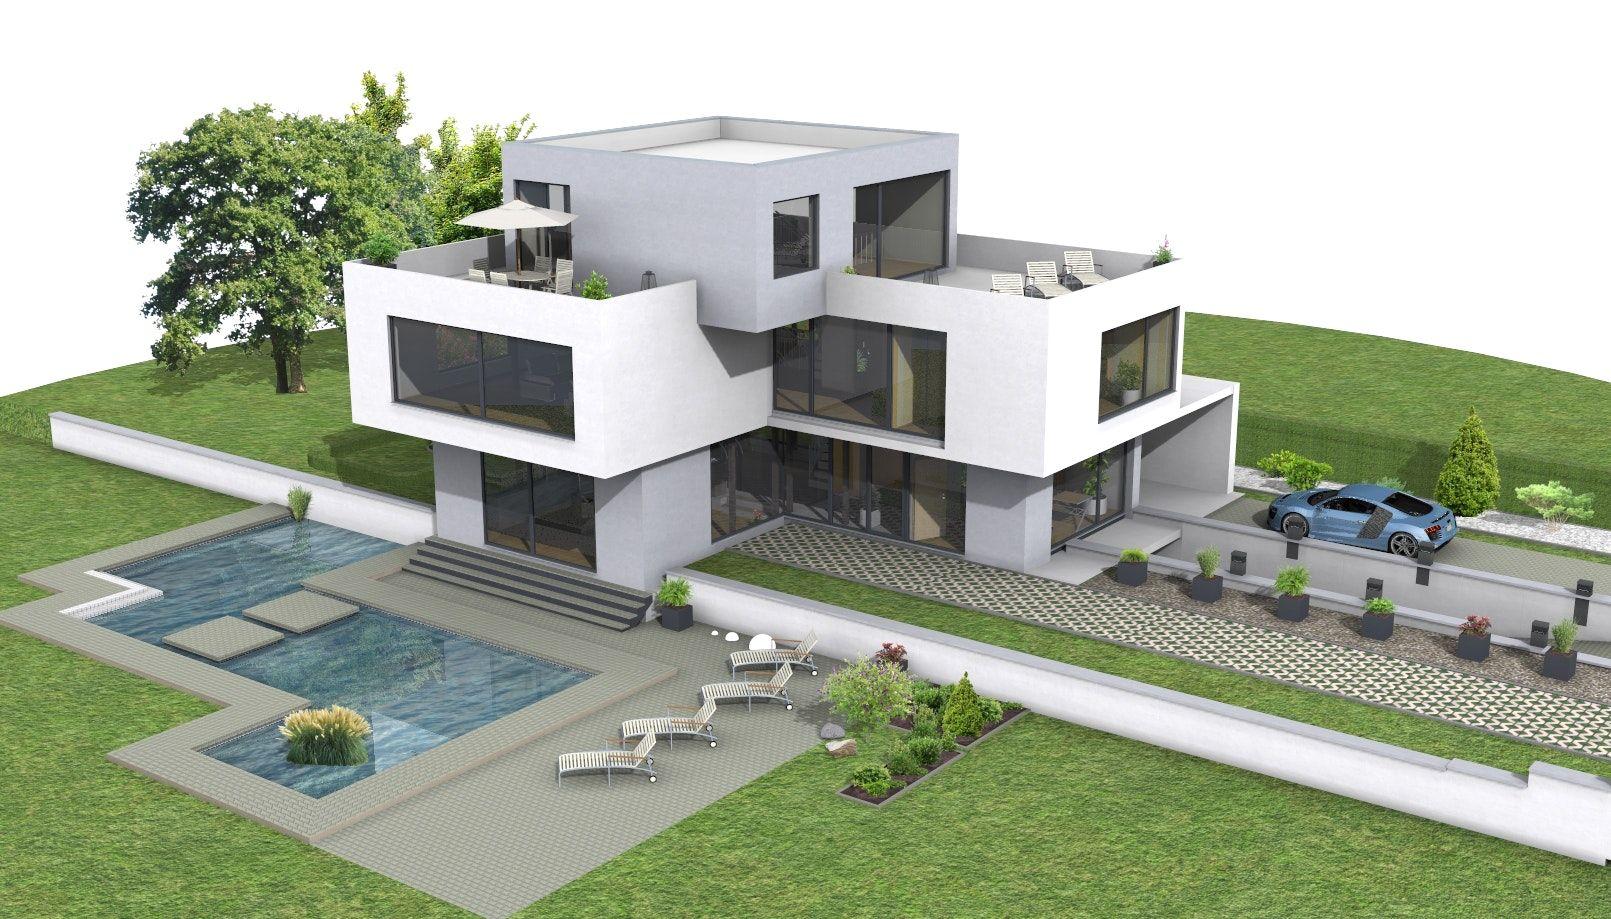 dekoration ideen moderne villa grundriss 3d mit wohnung selbst erstellen zeichnen und 0 moderne. Black Bedroom Furniture Sets. Home Design Ideas